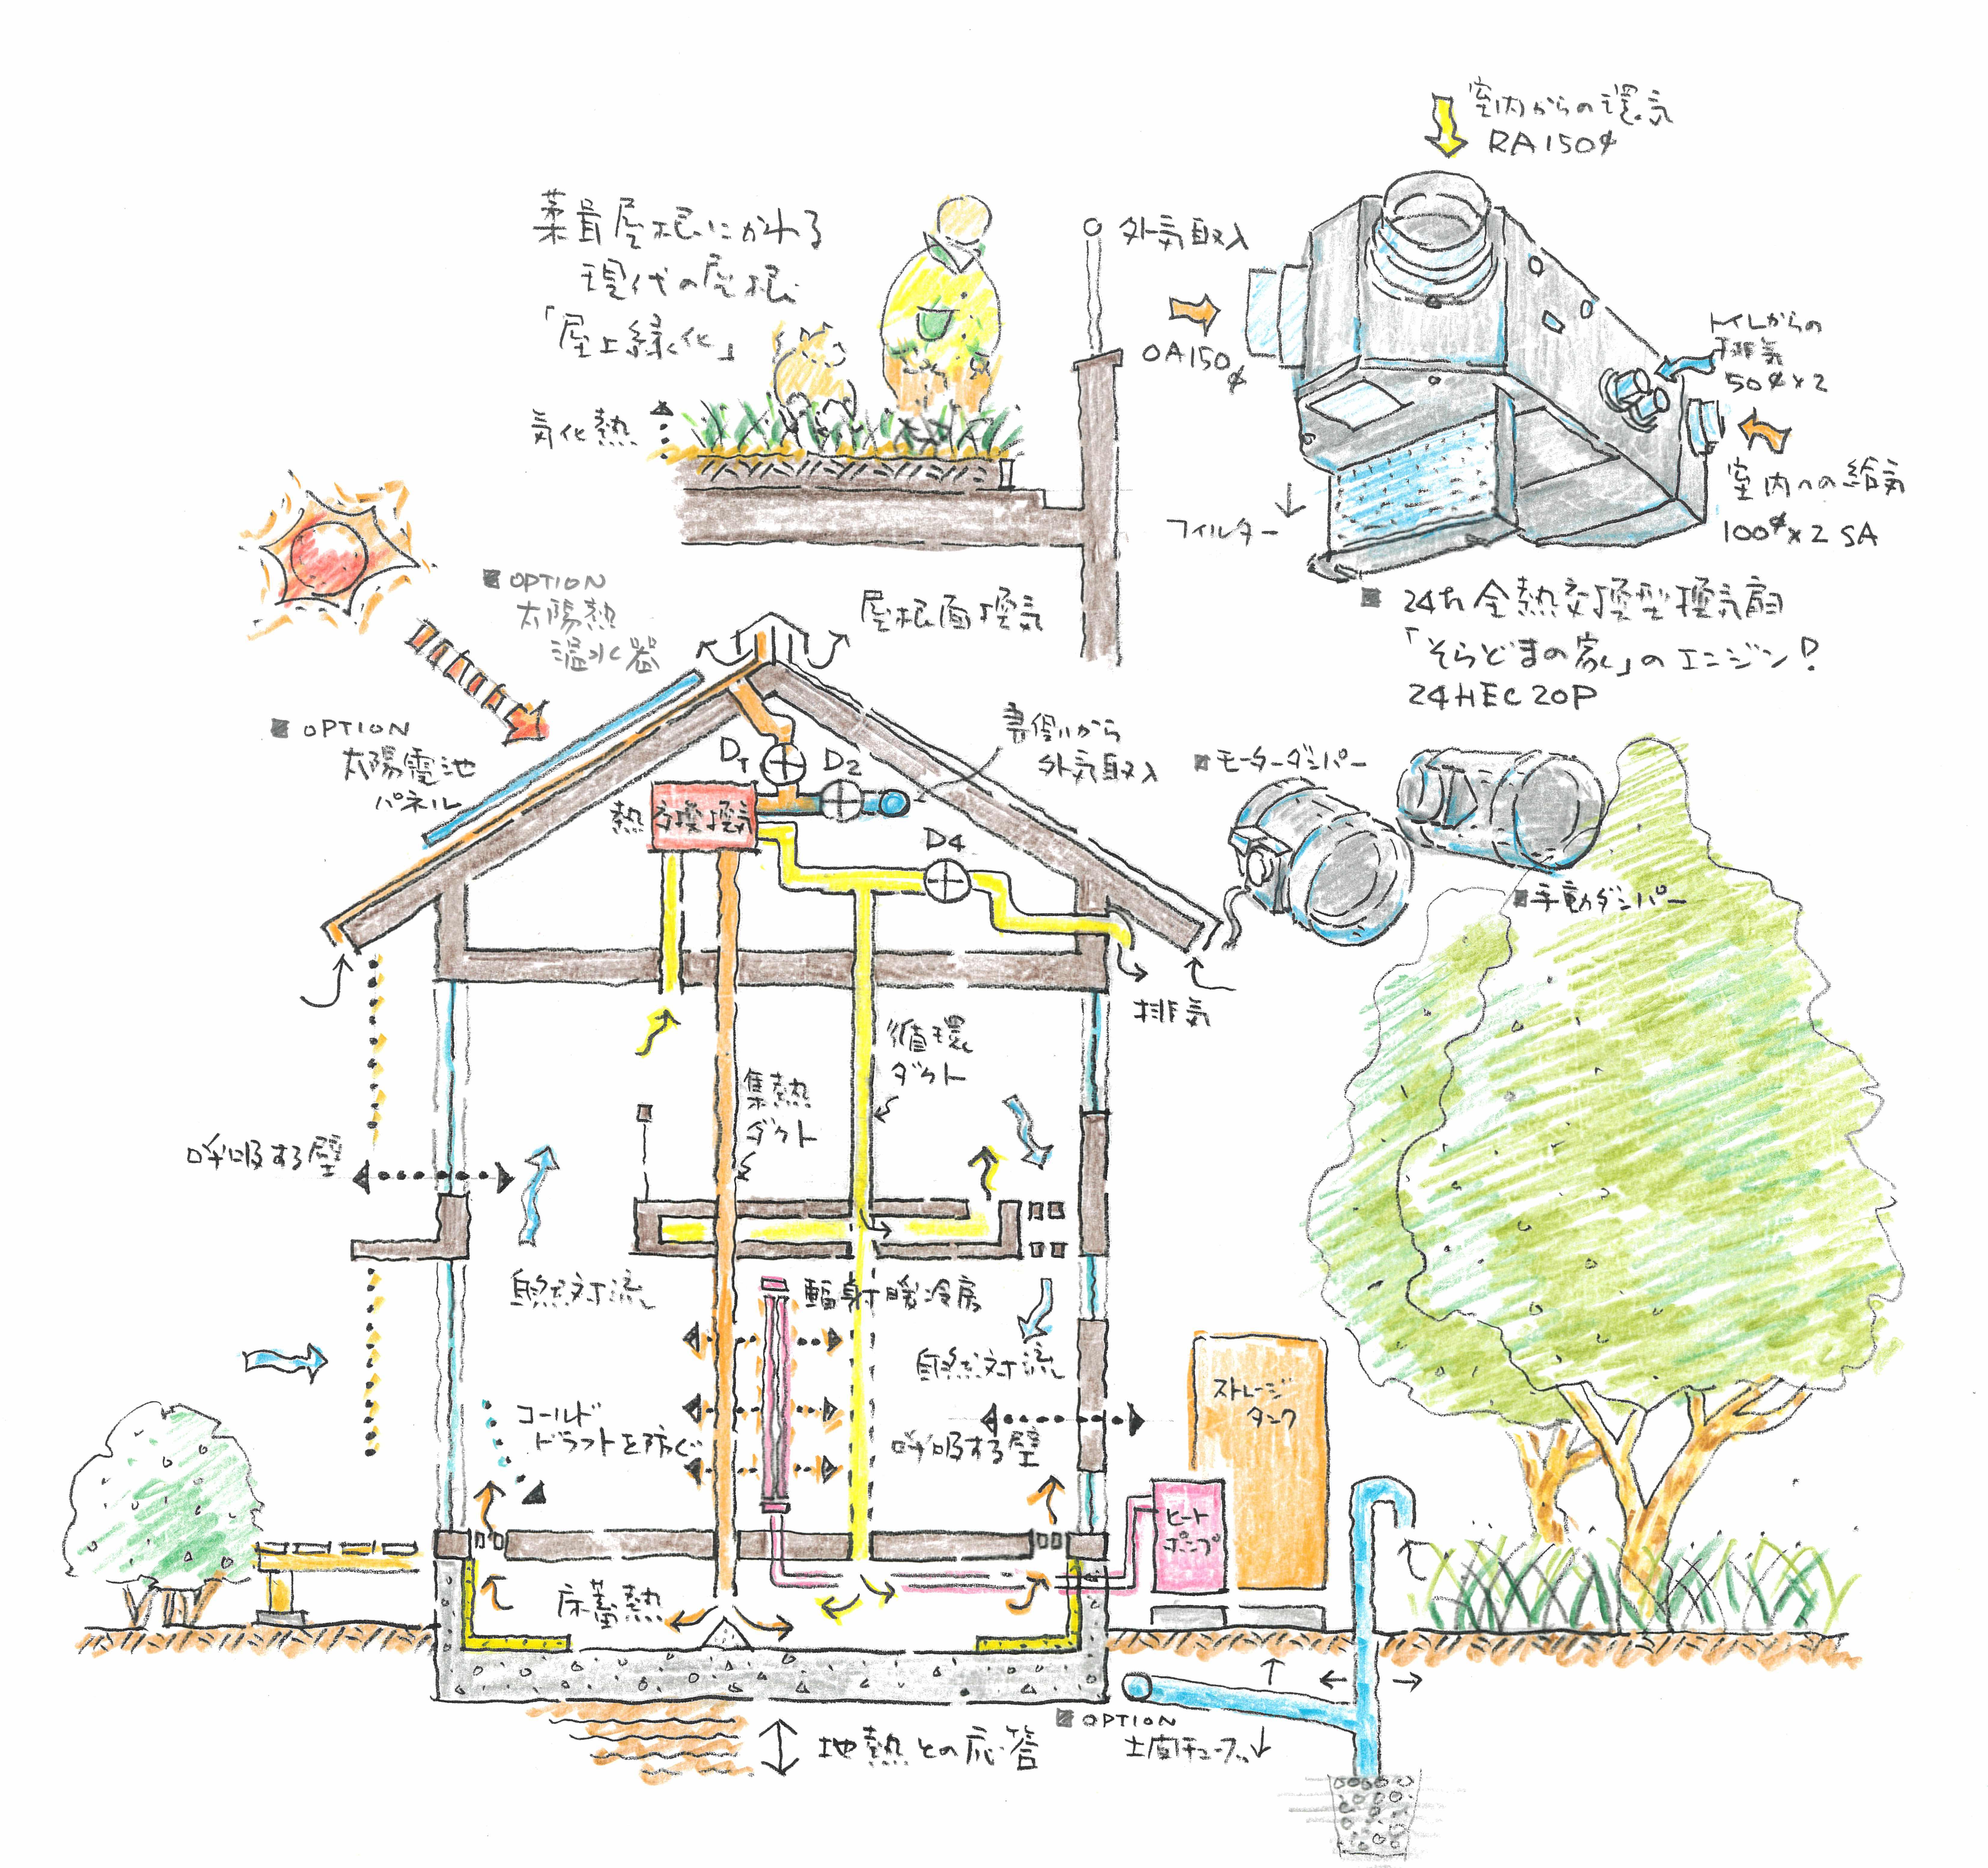 資料5そらどまの家システム図イラスト